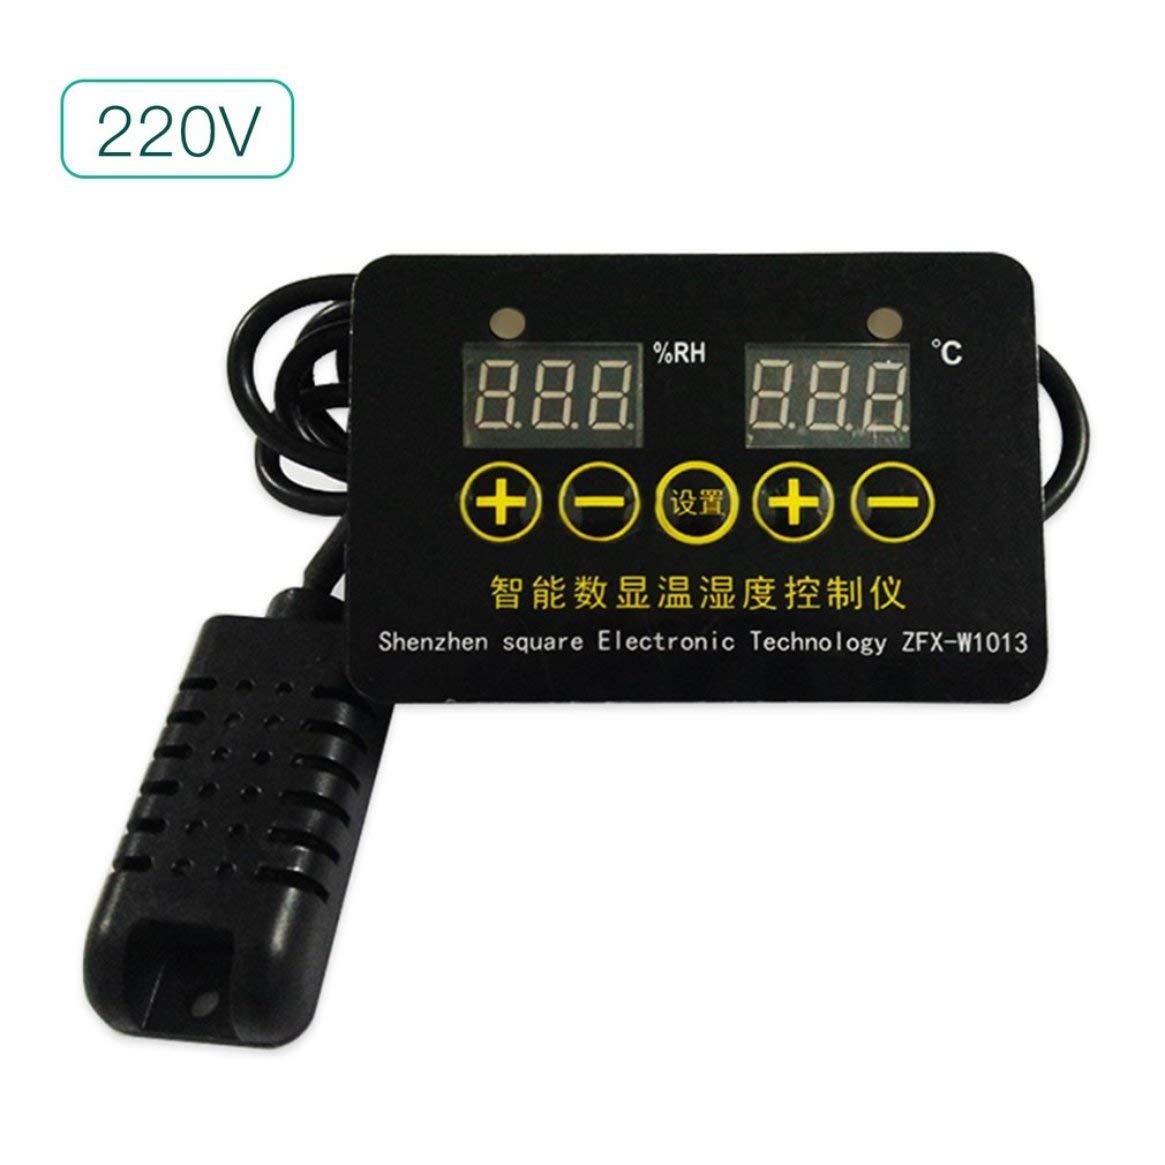 Controlador de Temperatura y Humedad Digital Inteligente Sensor de Sonda Tablero de Interruptor de Control de Temperatura Constante de Doble Propó sito Delicacydex